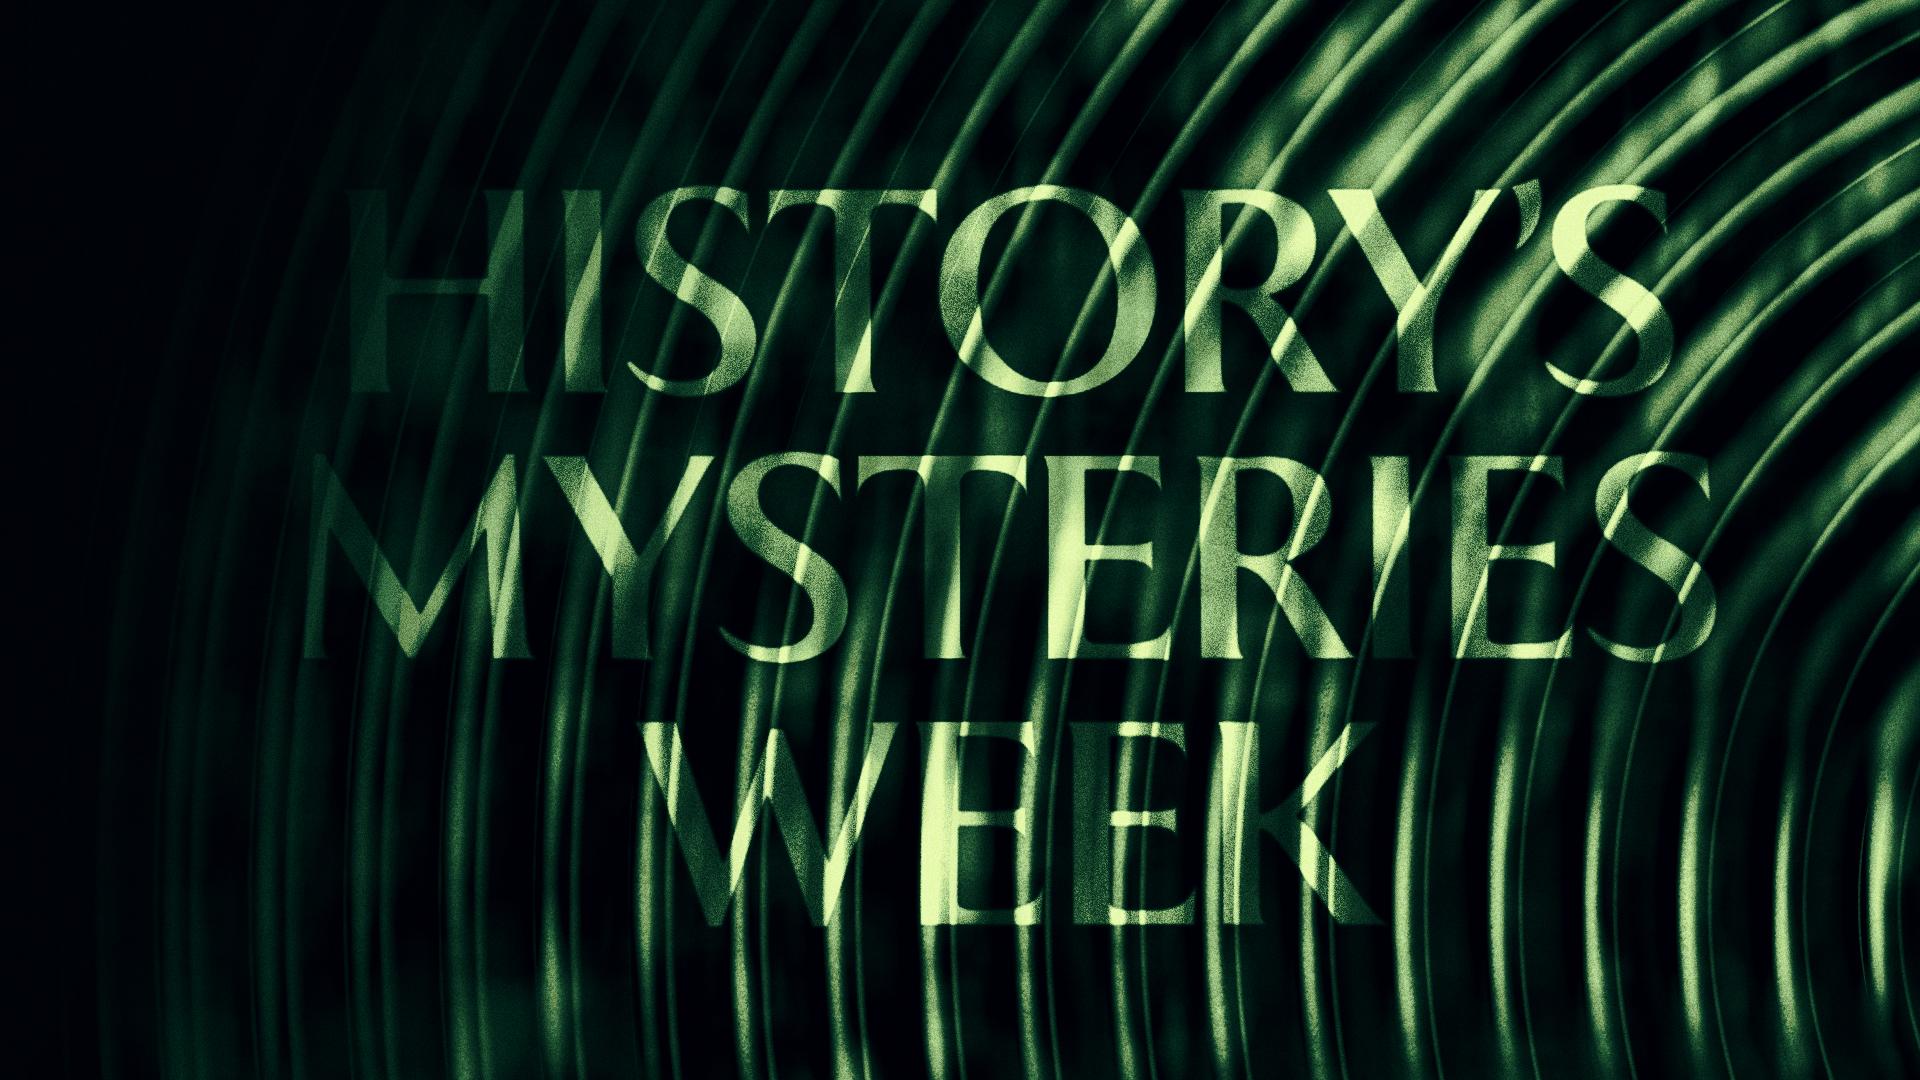 HistoryMystery_04_FORPORTFOLIO_01.jpg